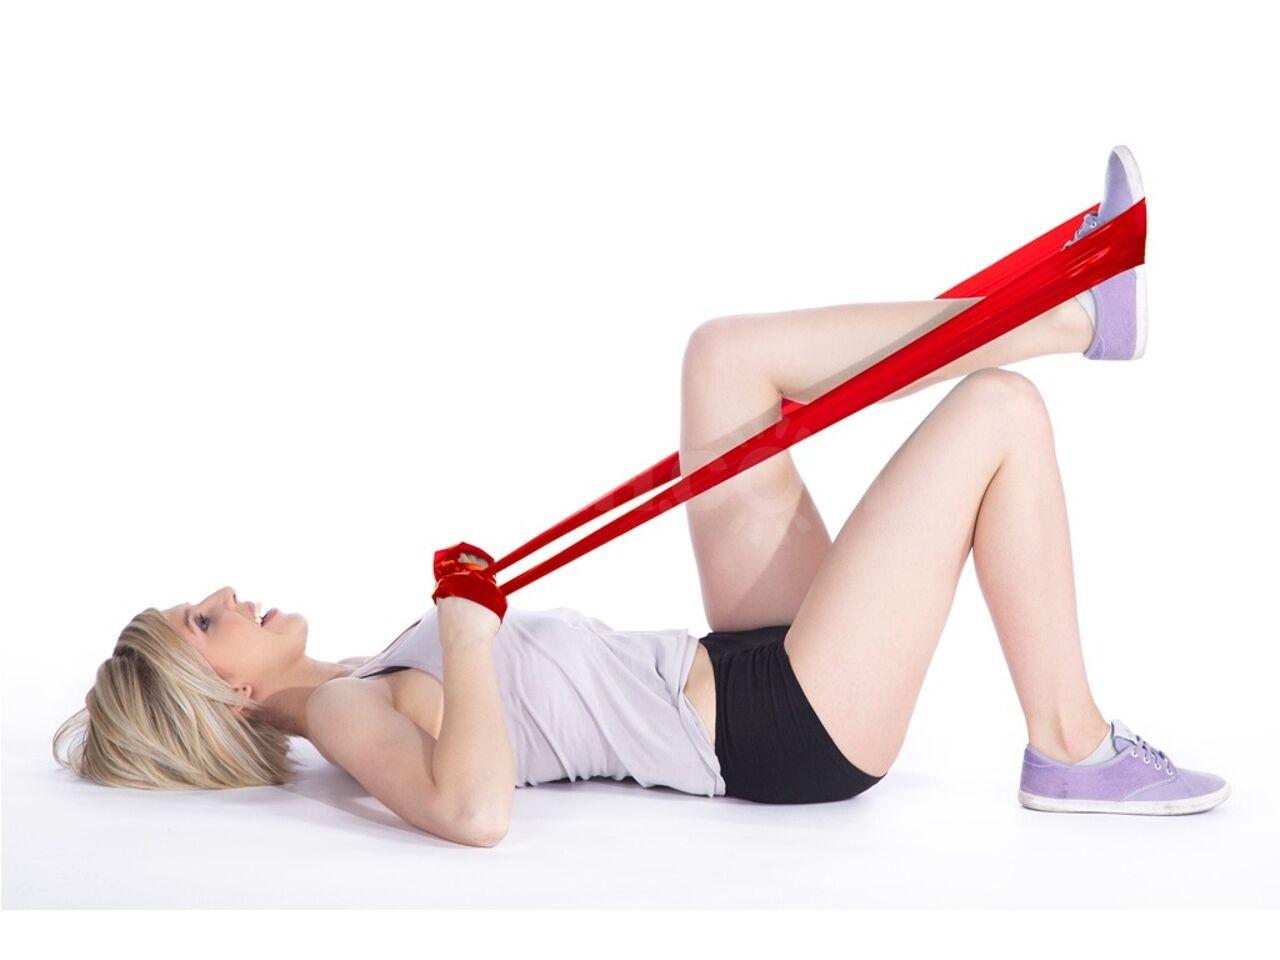 Упражнения с пиздой, 17 упражнений для укрепления мышц влагалища: как 21 фотография